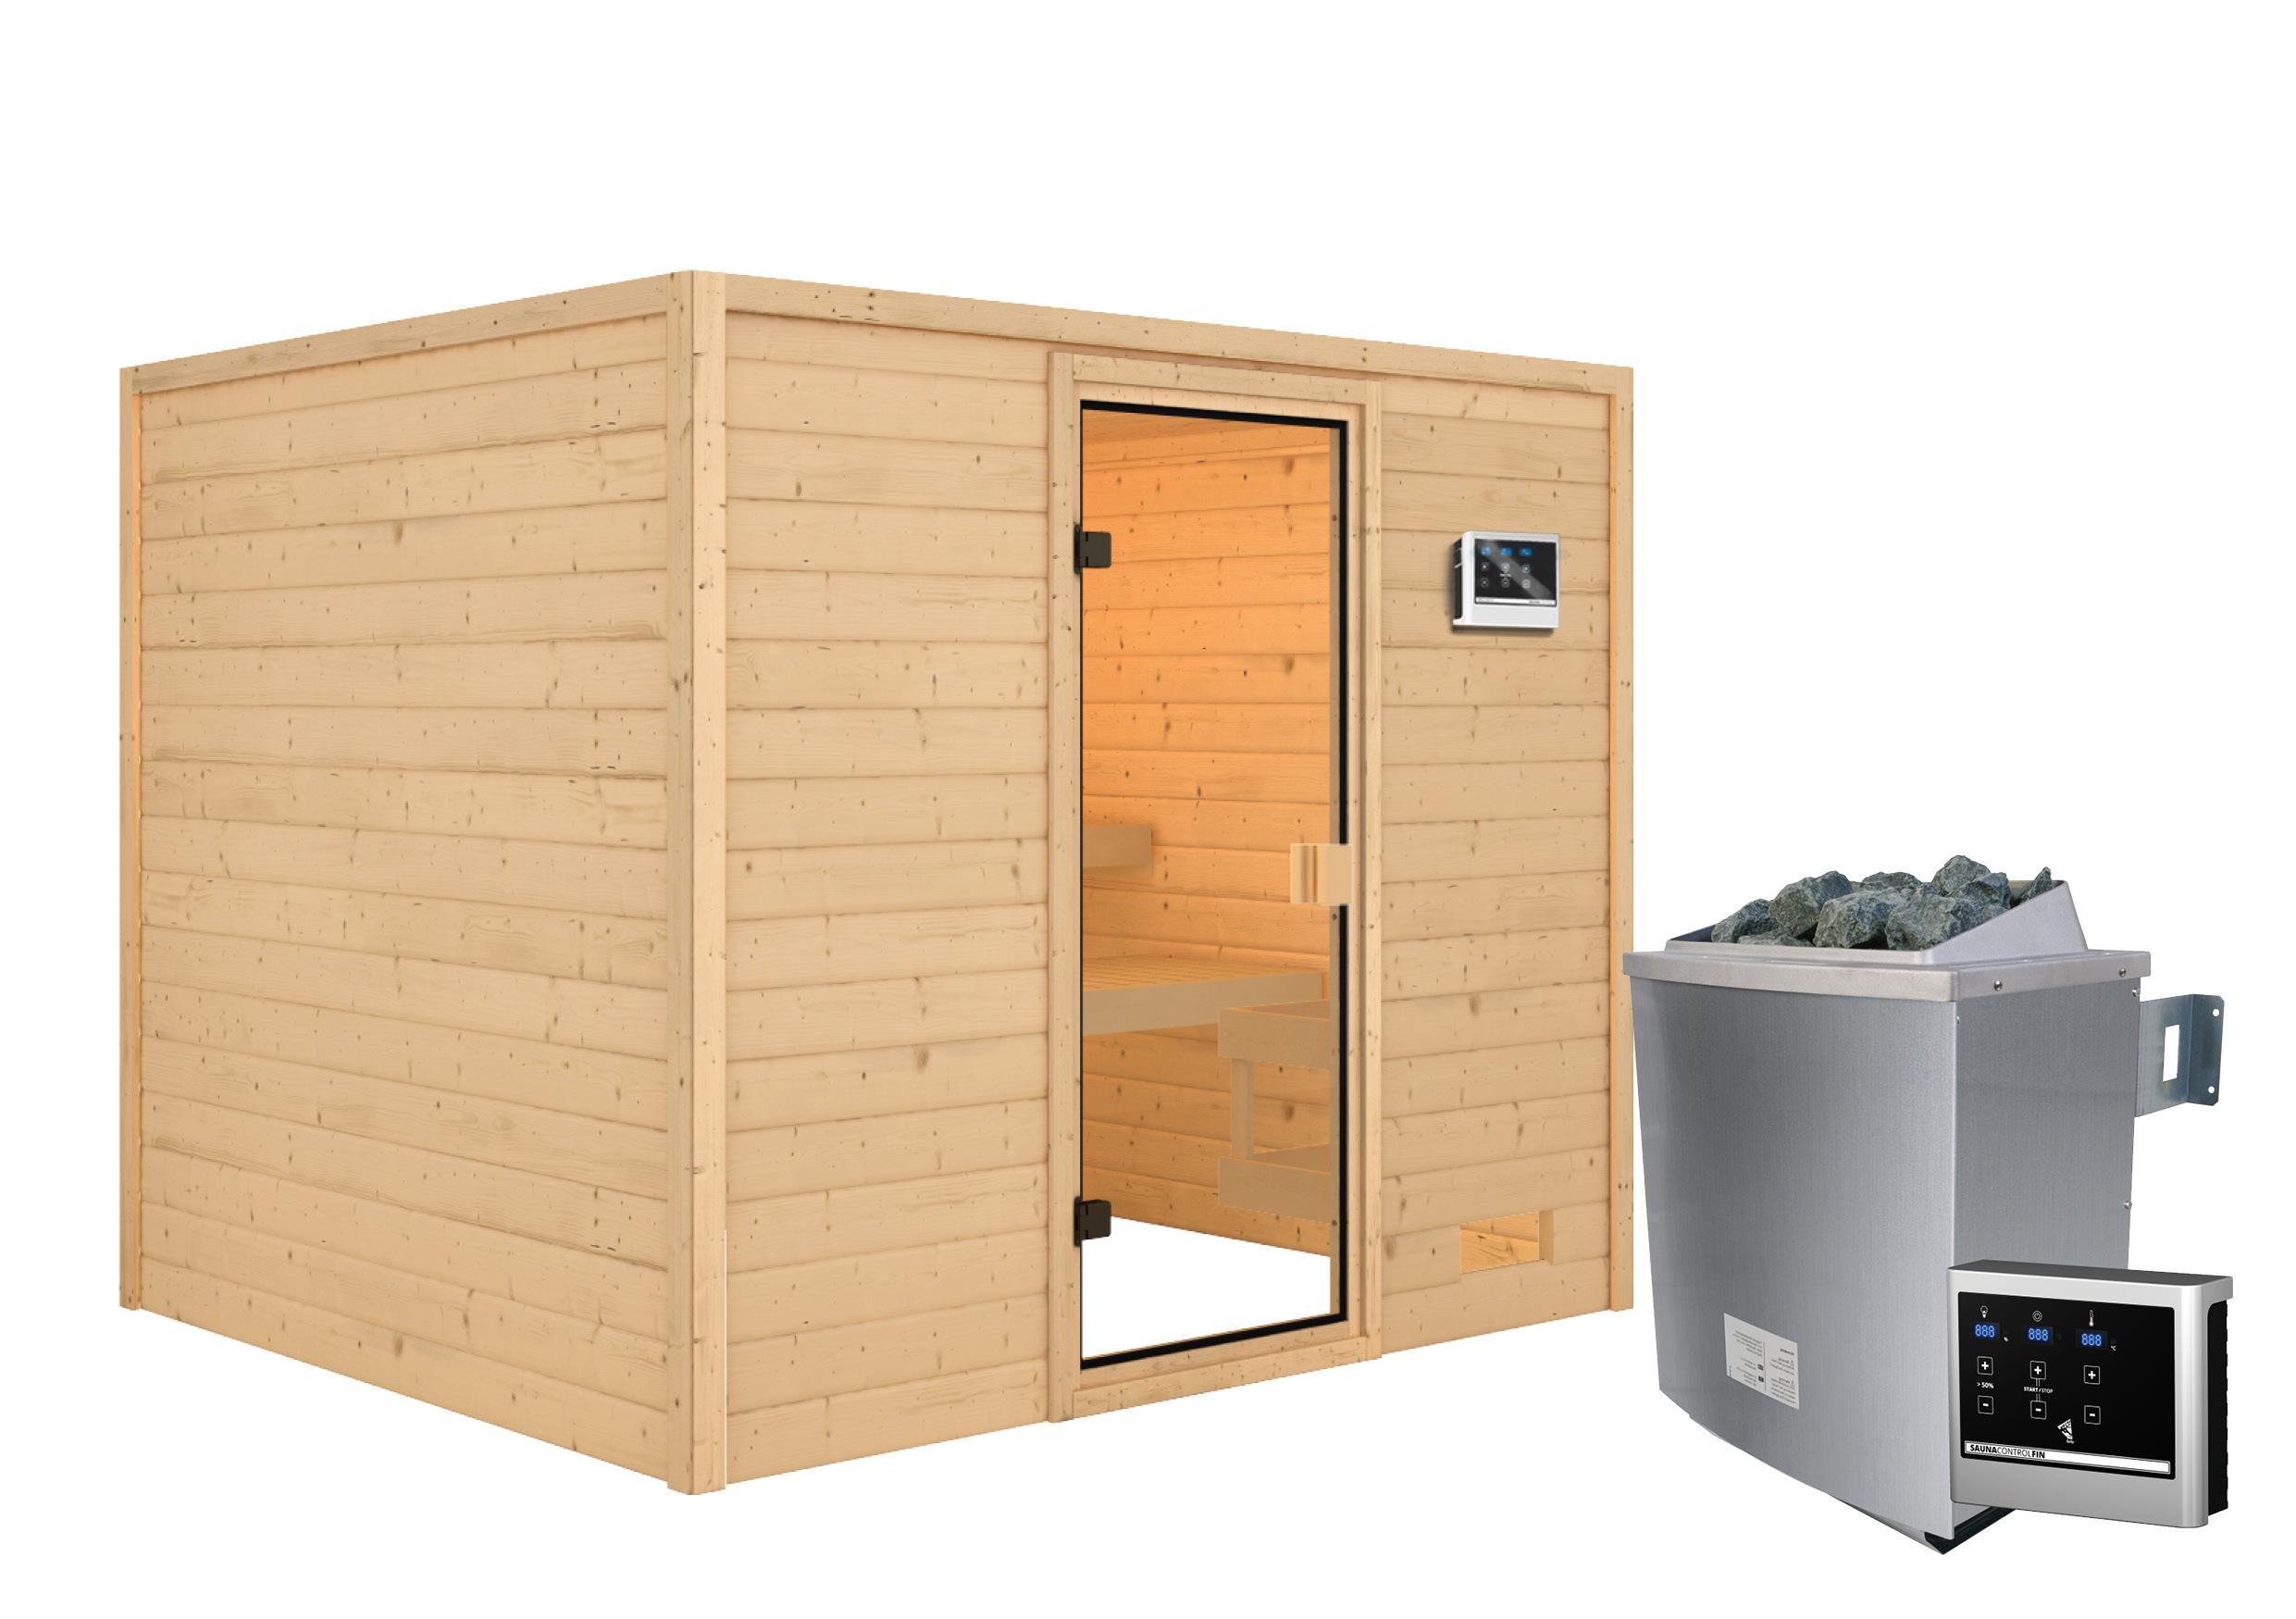 Woodfeeling Sauna Katja 38mm Saunaofen 9kW extern Bild 9